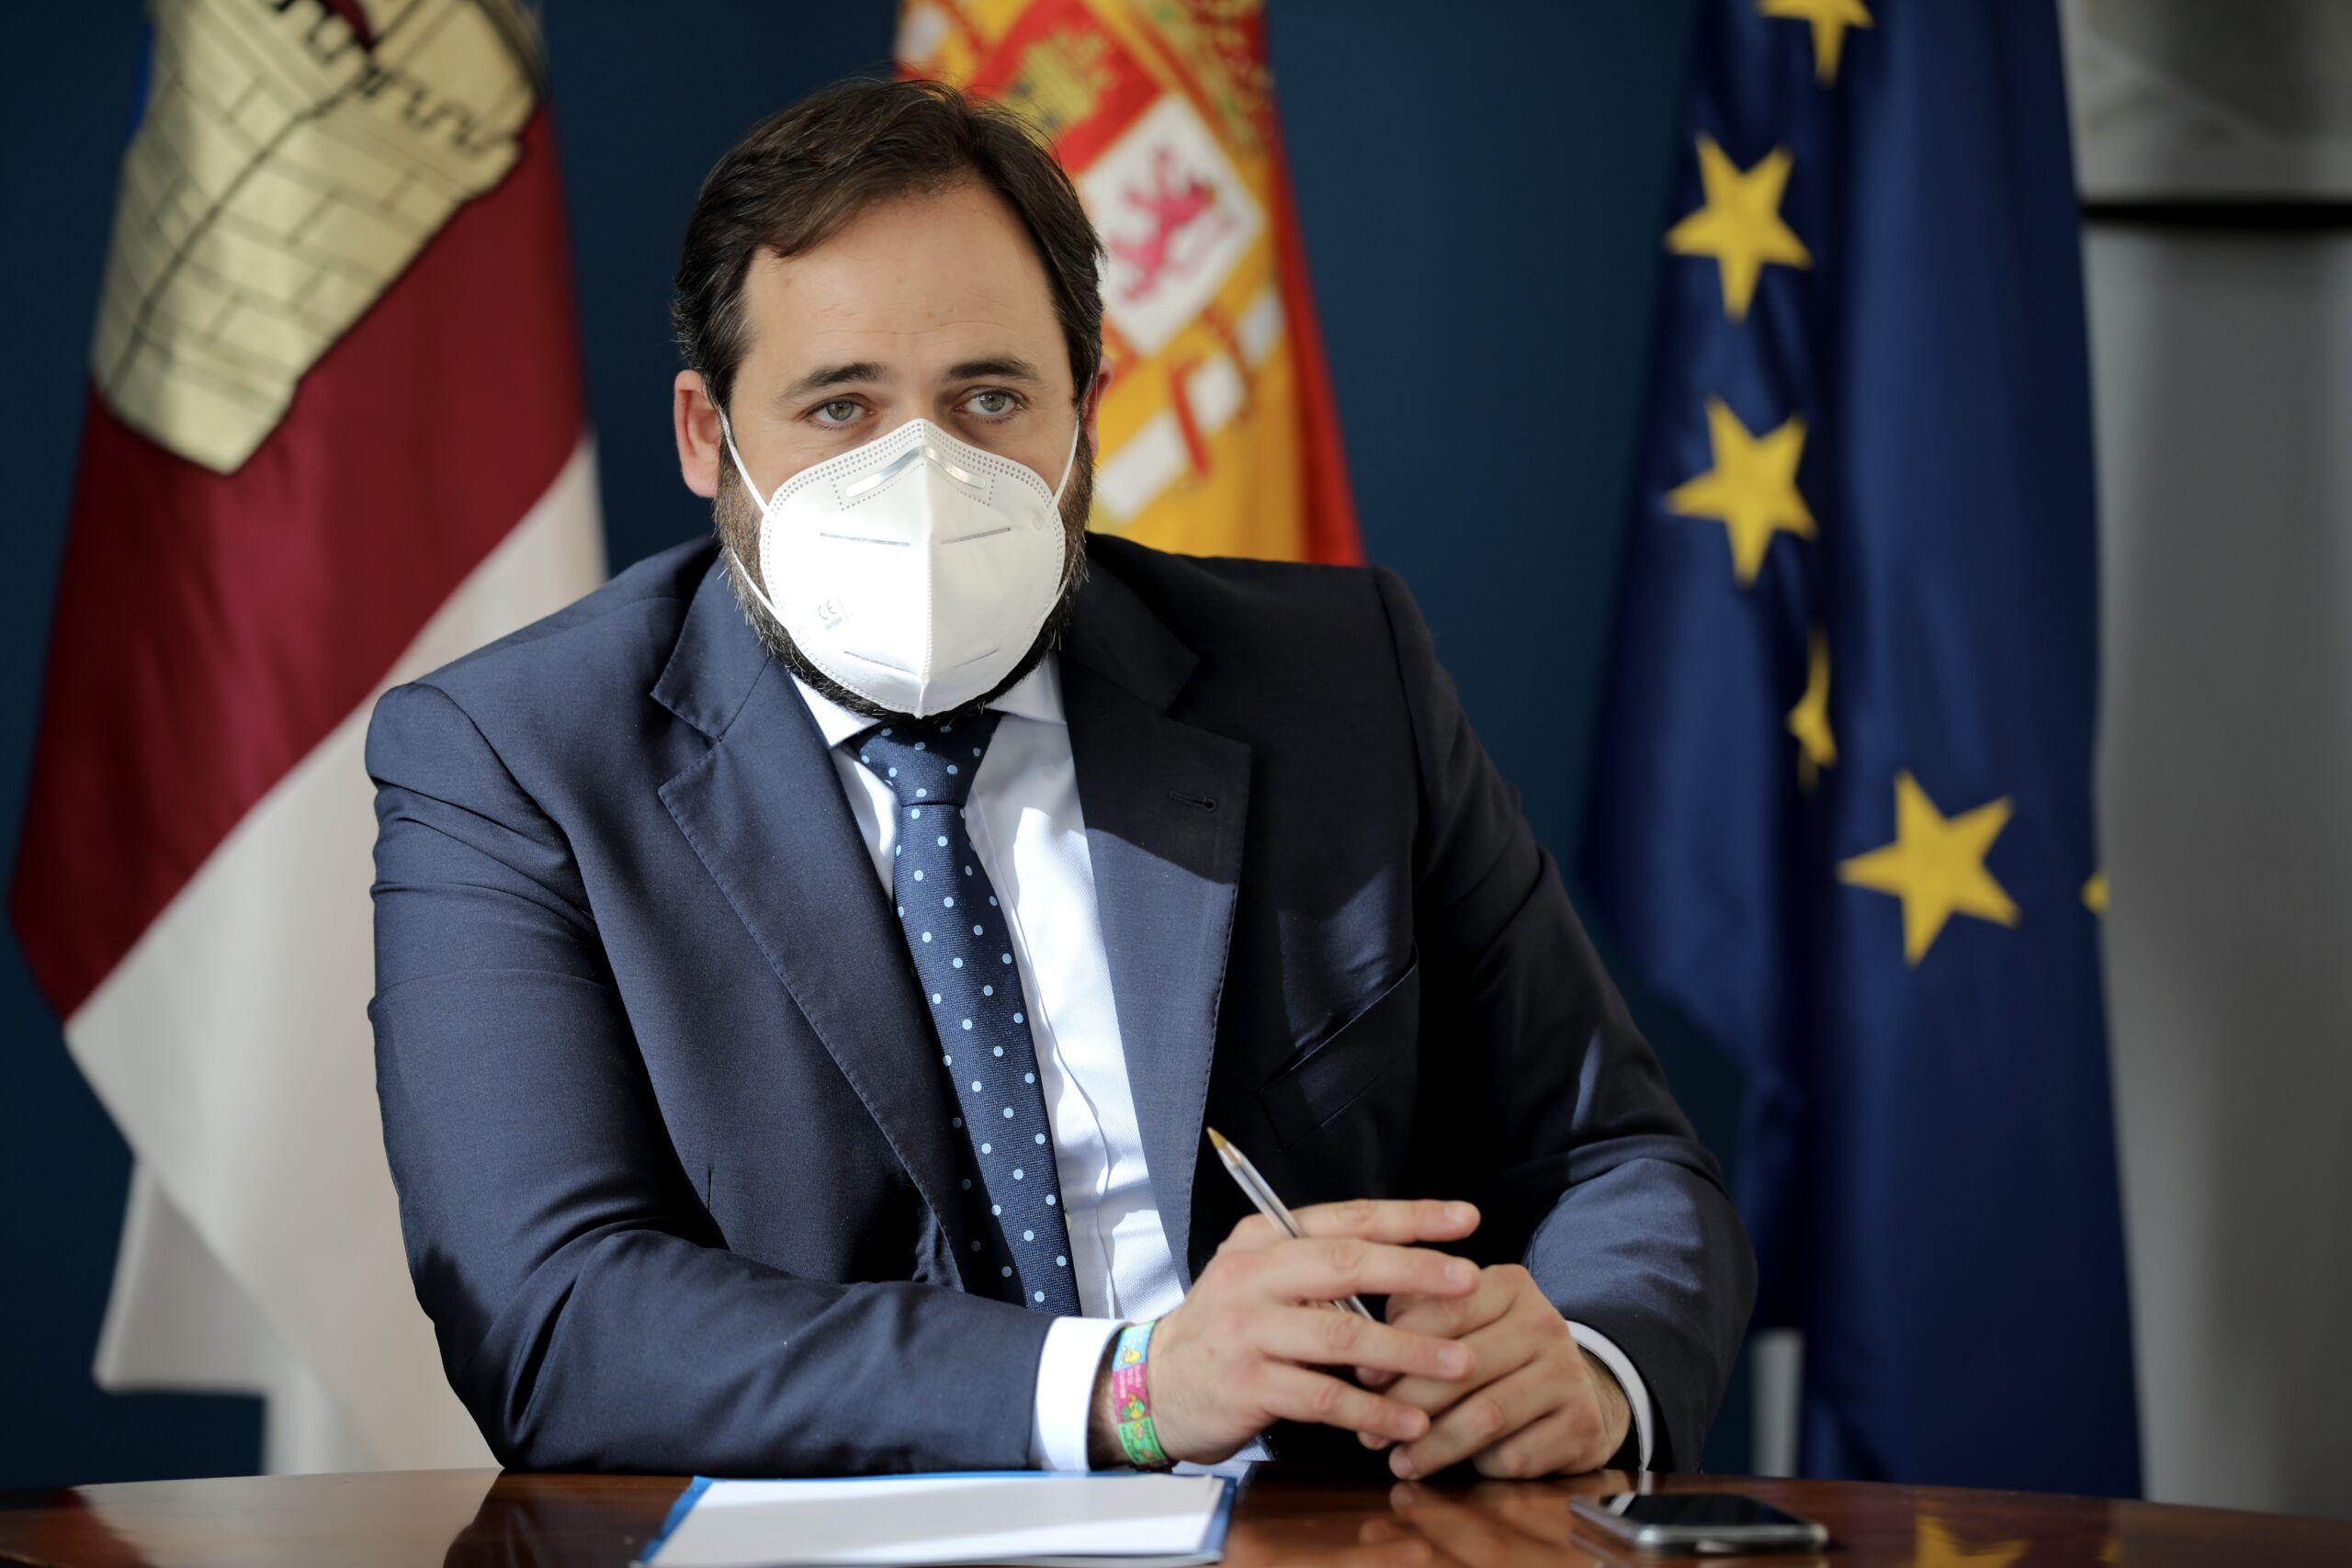 Núñez registra una batería de preguntas a Page para conocer su opinión sobre los indultos a los condenados por el intento de Golpe de Estado en Cataluña